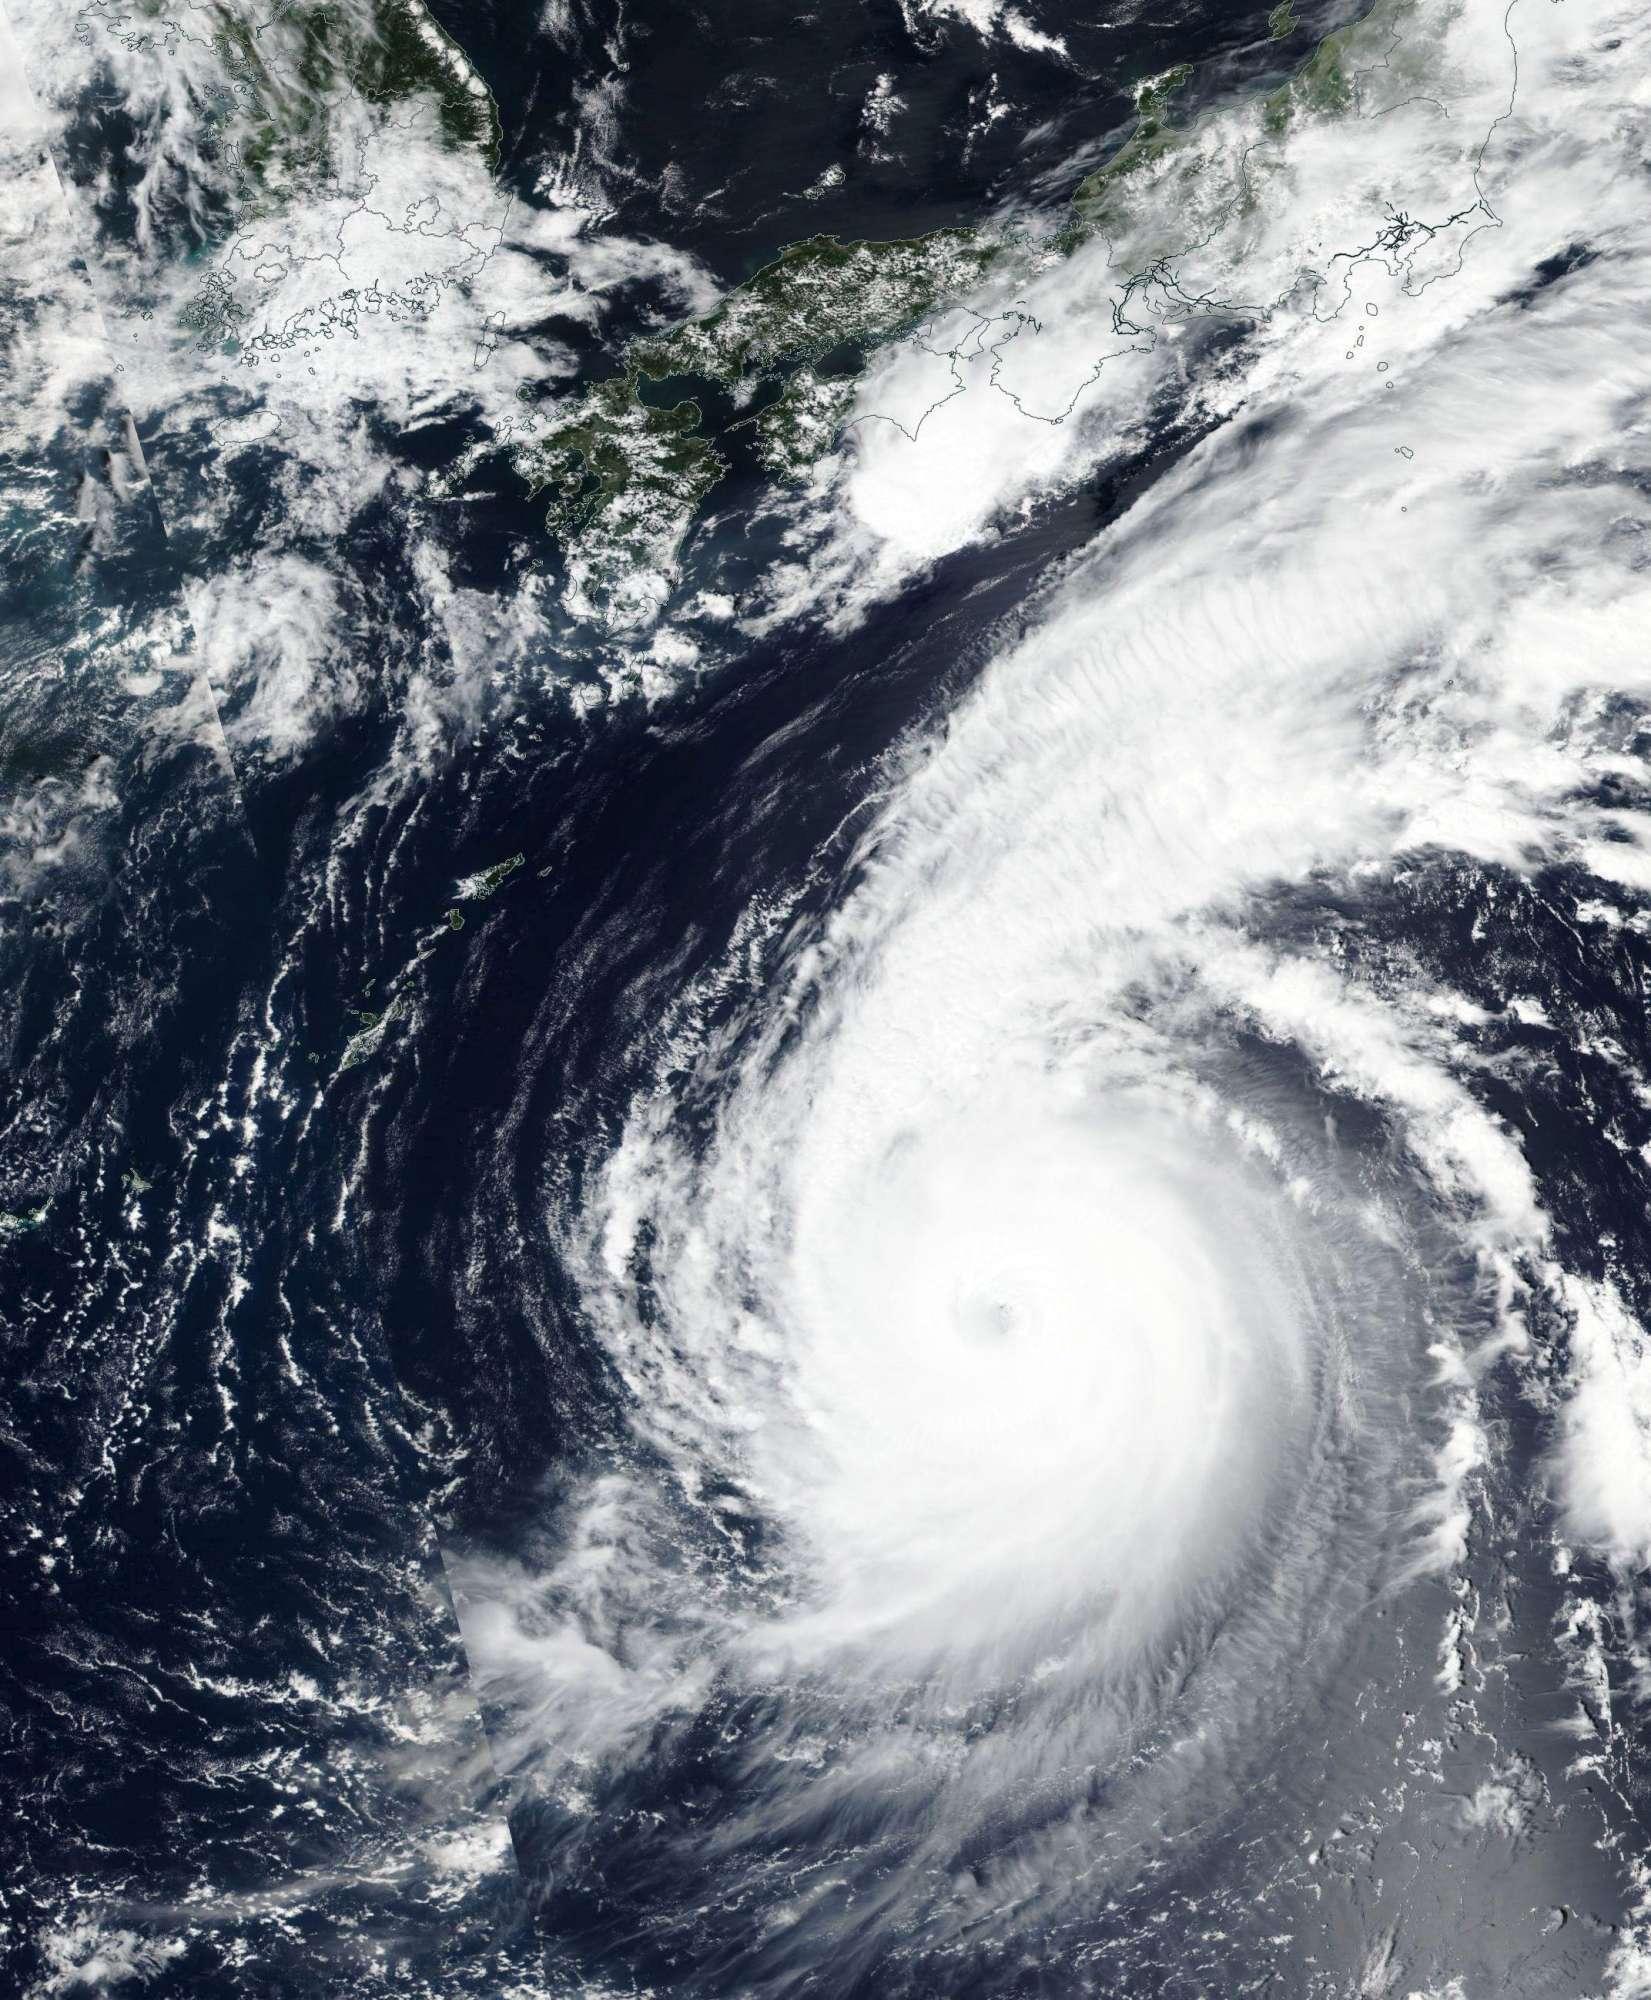 Tifone Jebi sta colpendo il Giappone: primi video impressionanti!